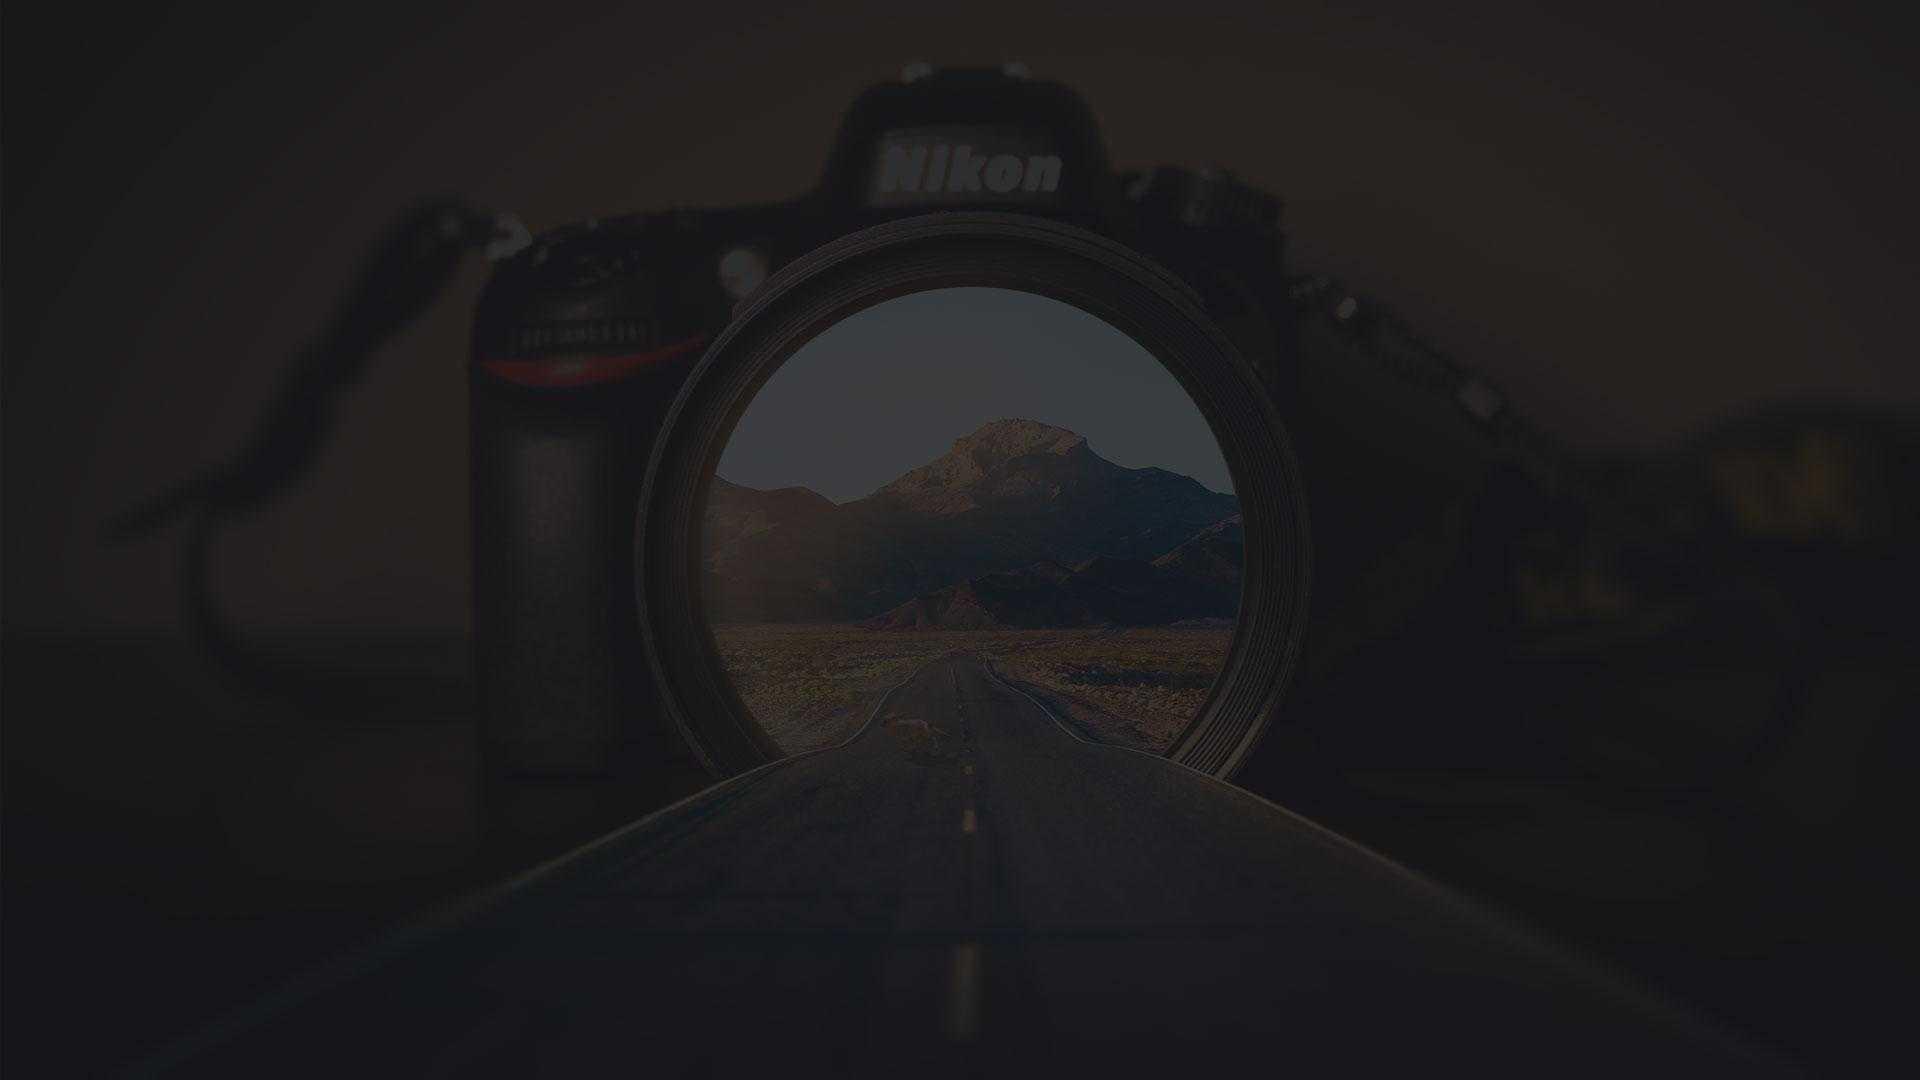 photo2bg - Photo & Video